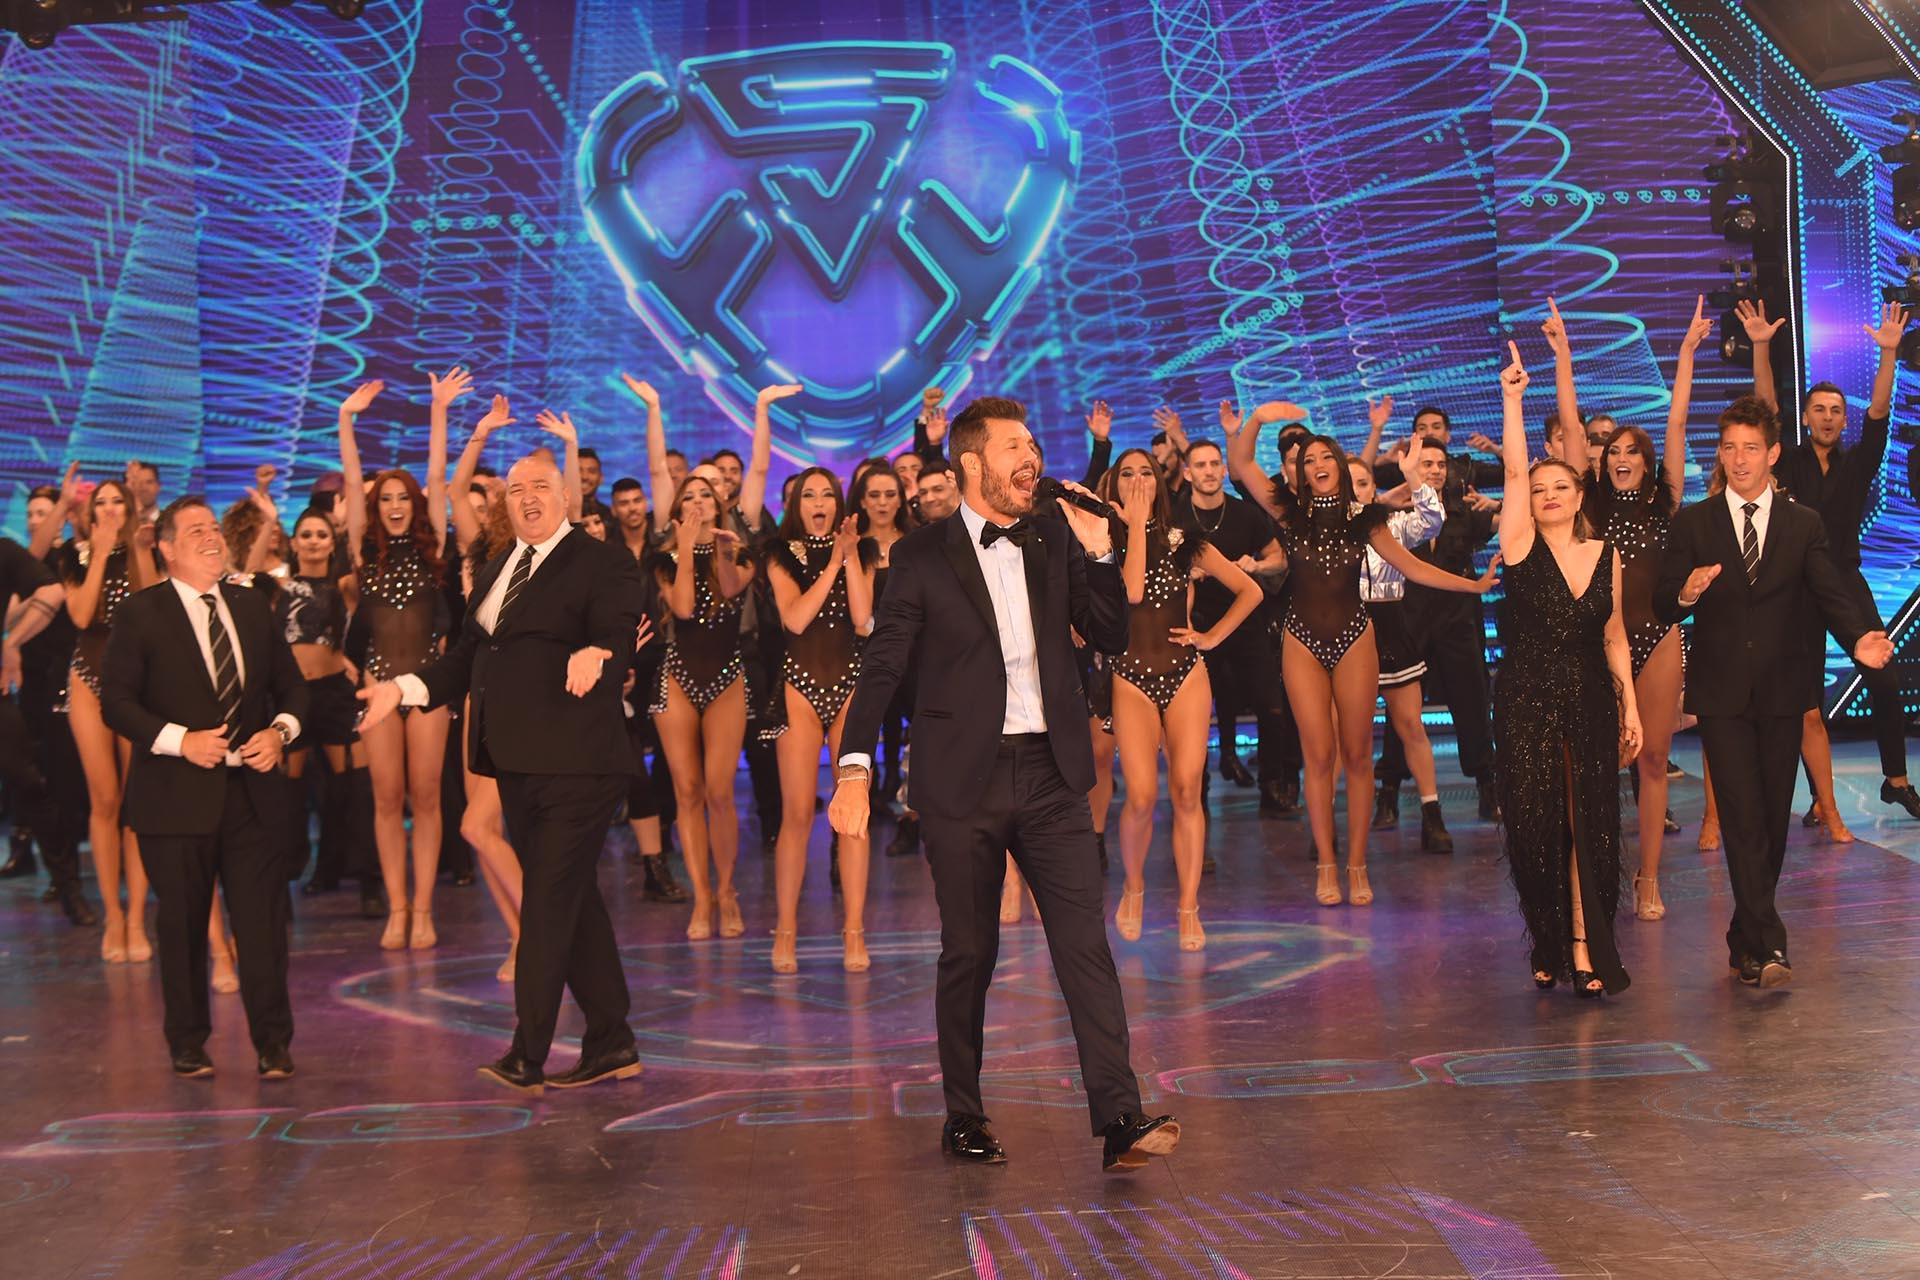 Marcelo Tinelli le da inicio al último programa de ShowMatch, en su temporada 30 (Foto: Negro Luengo / LaFlia)